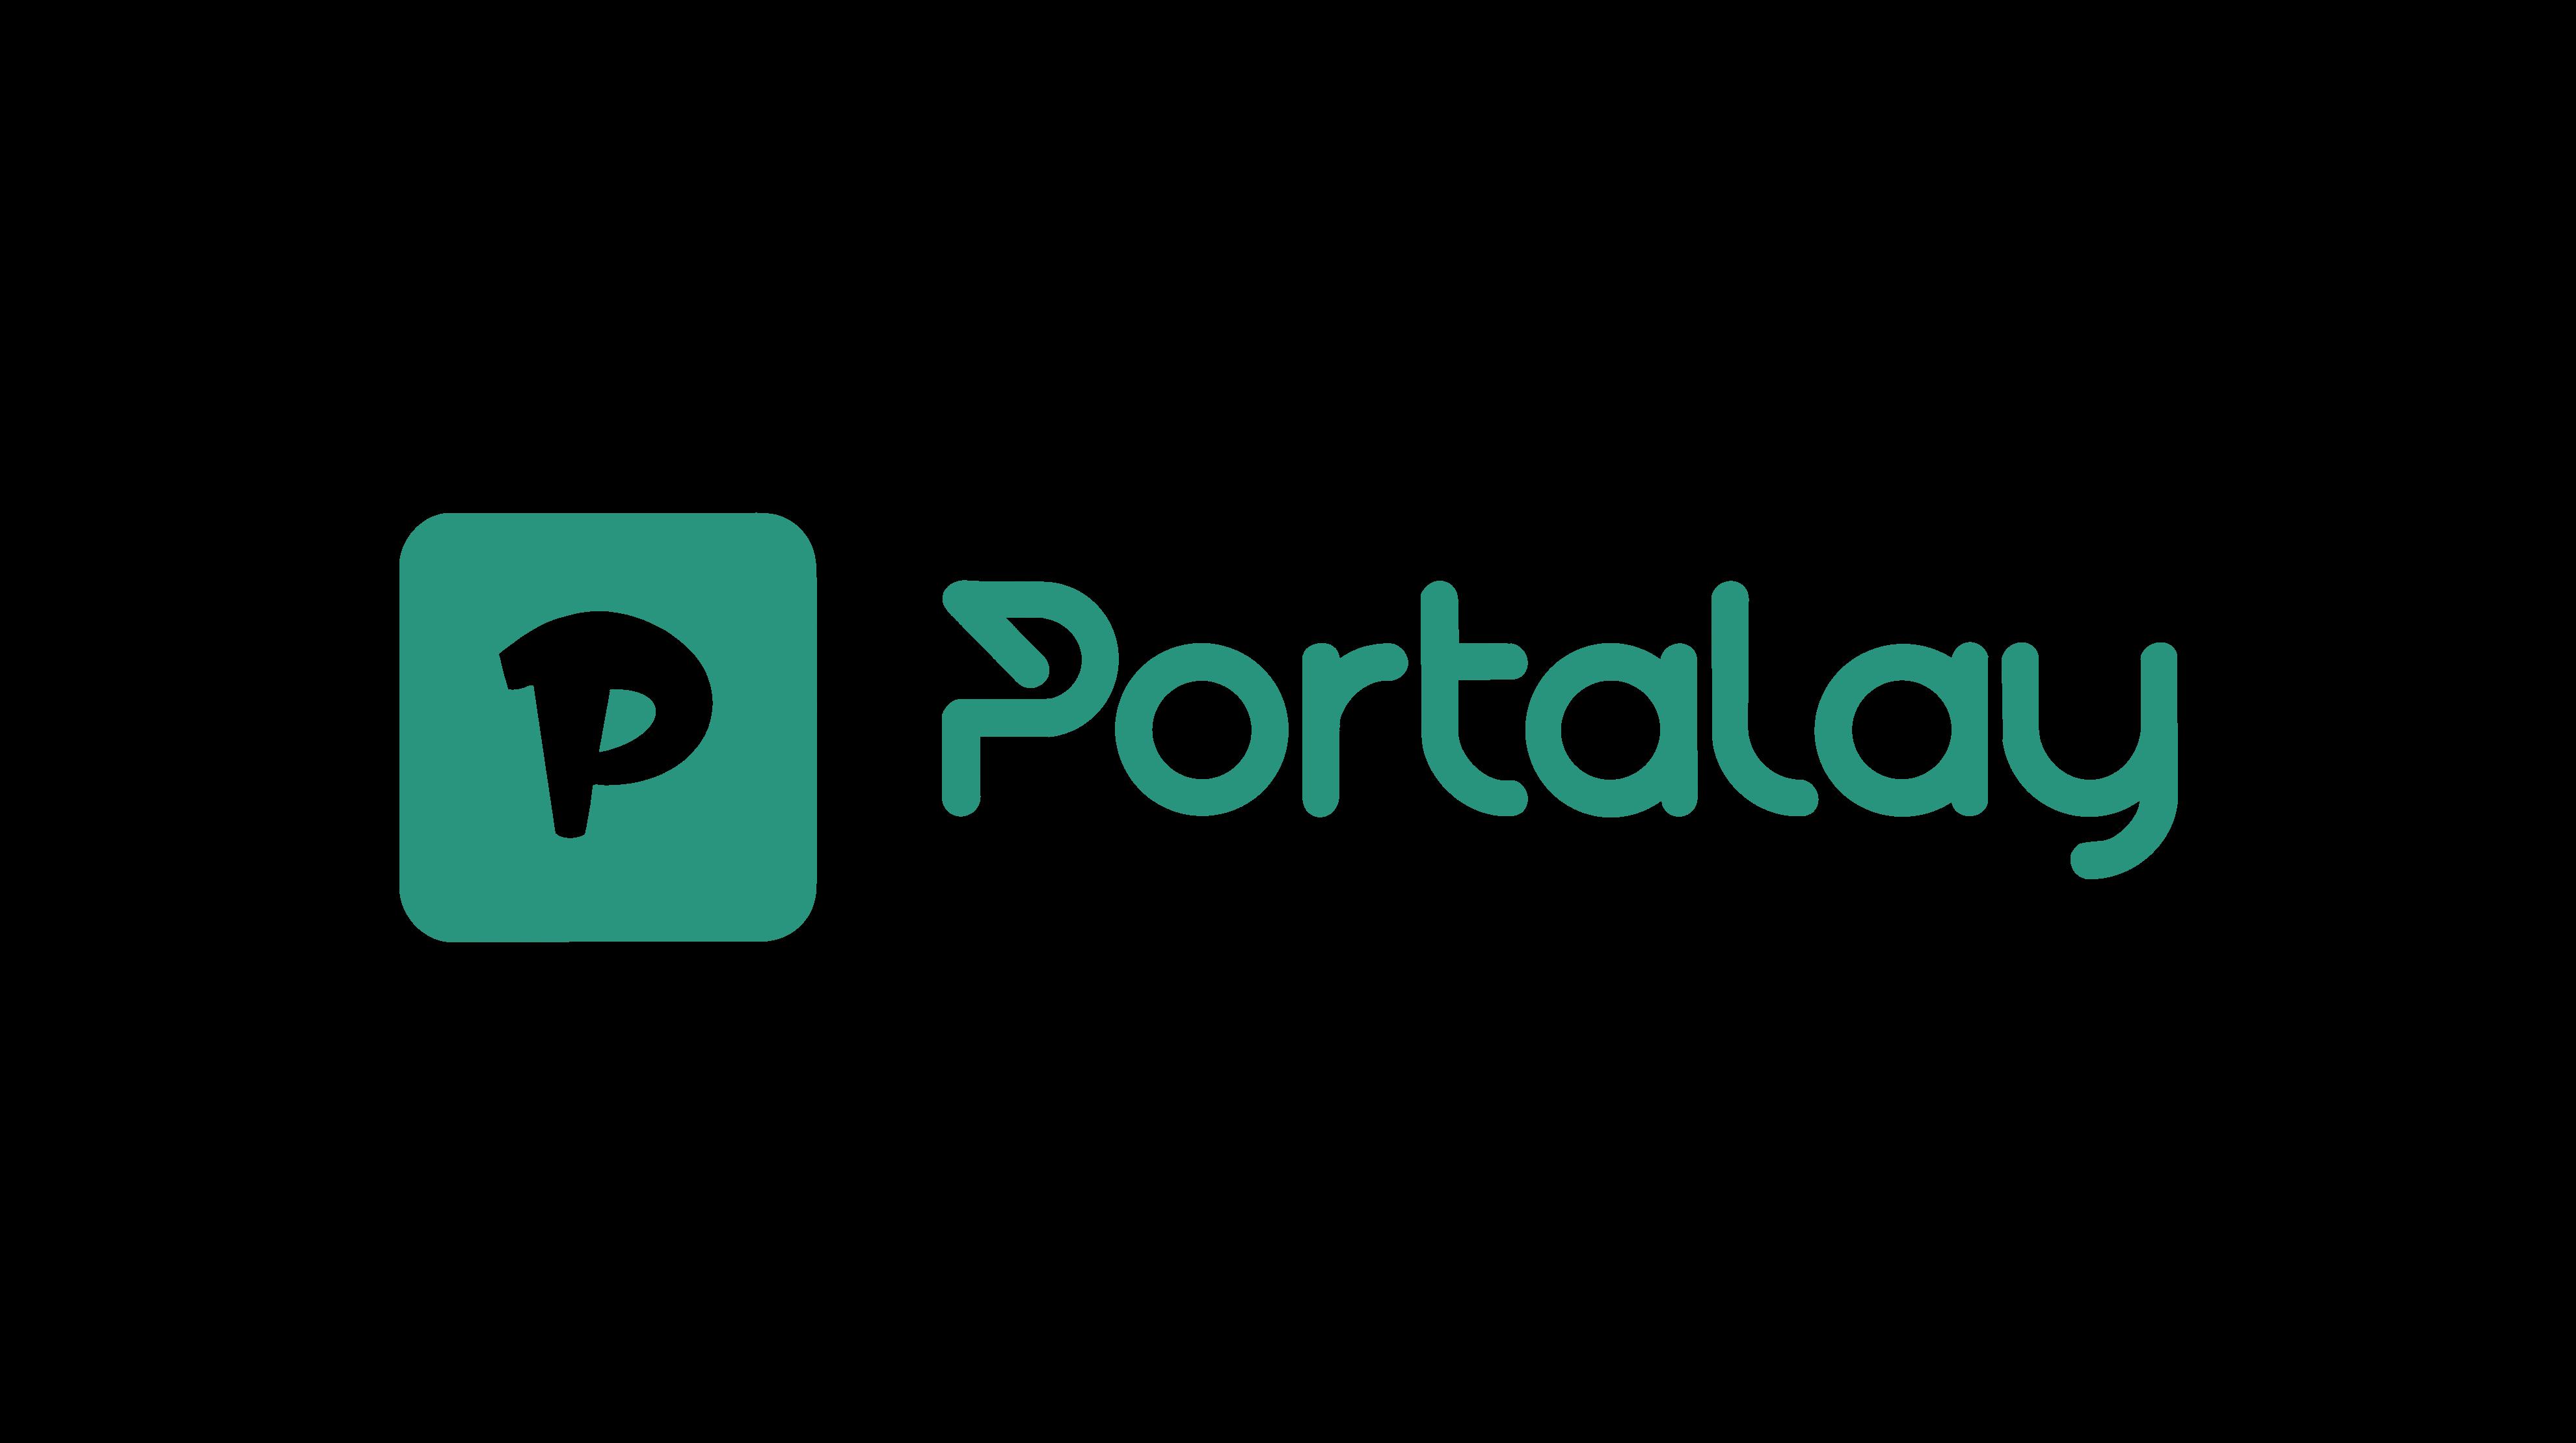 Portalay